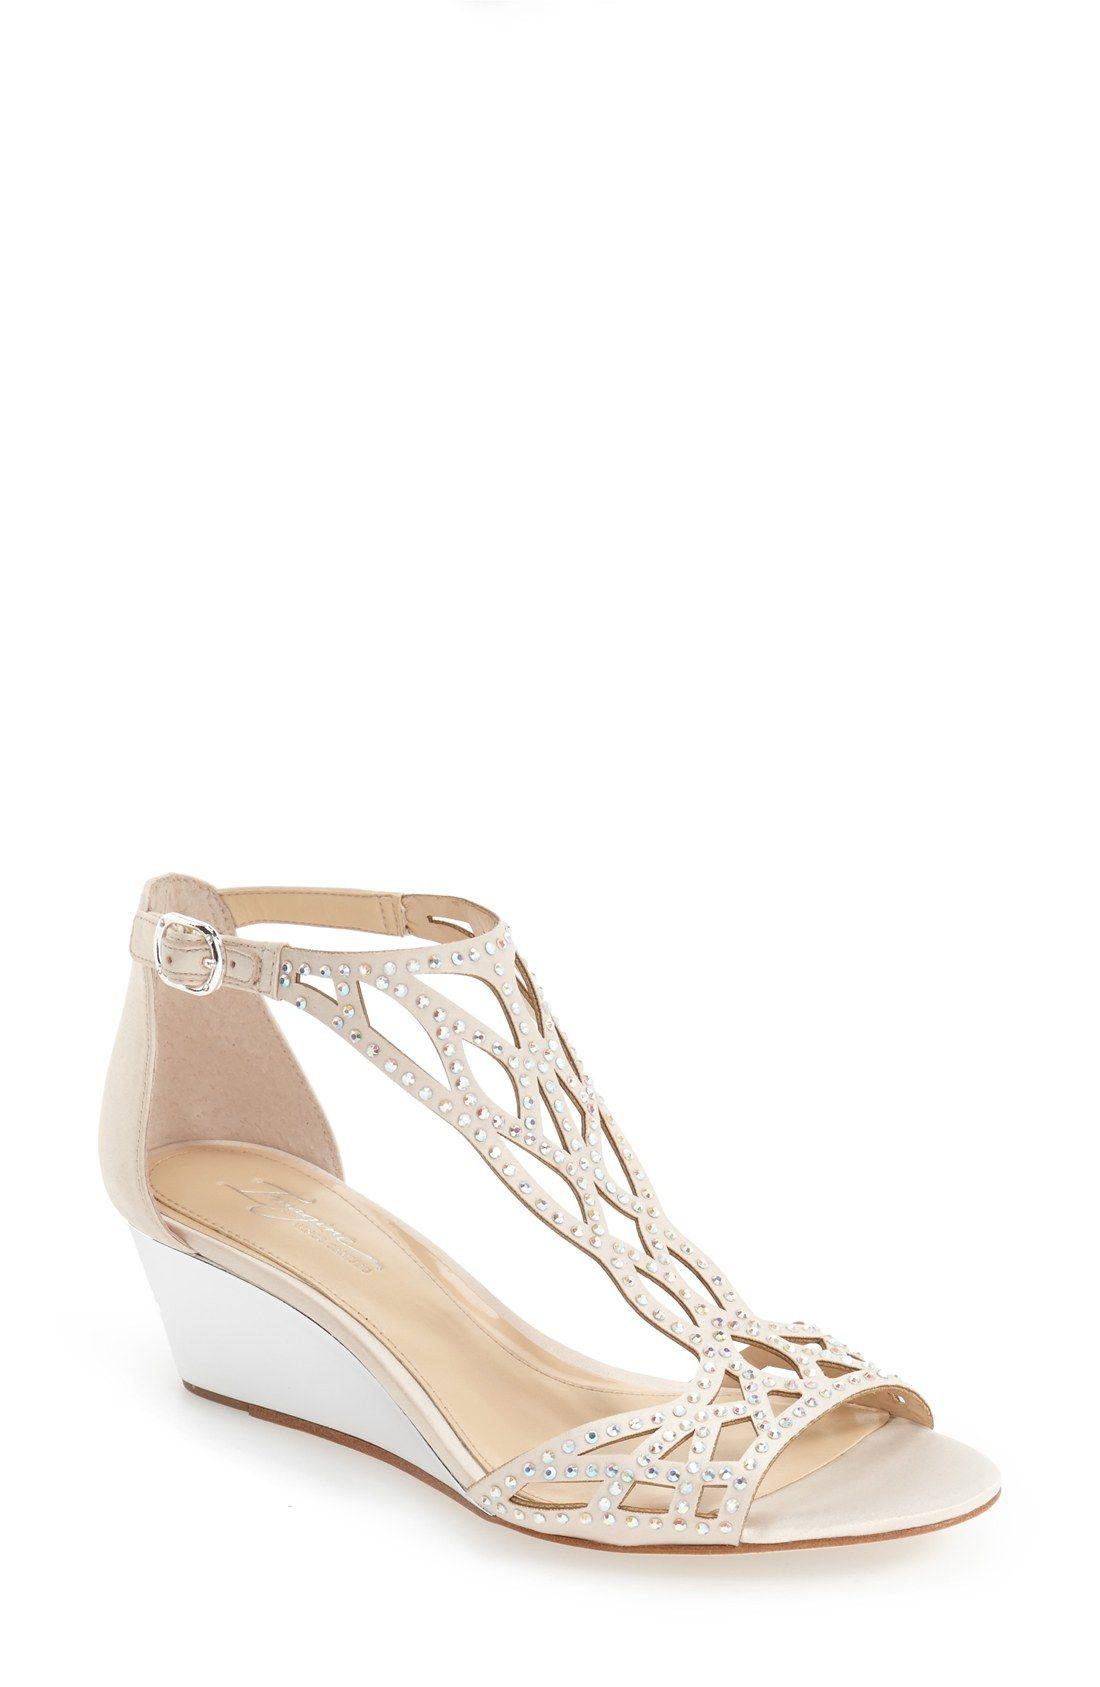 Black wedge sandals 2 inch heel - Wedding Shoe With Low Wedge For Garden Ceremony Https Www Facebook